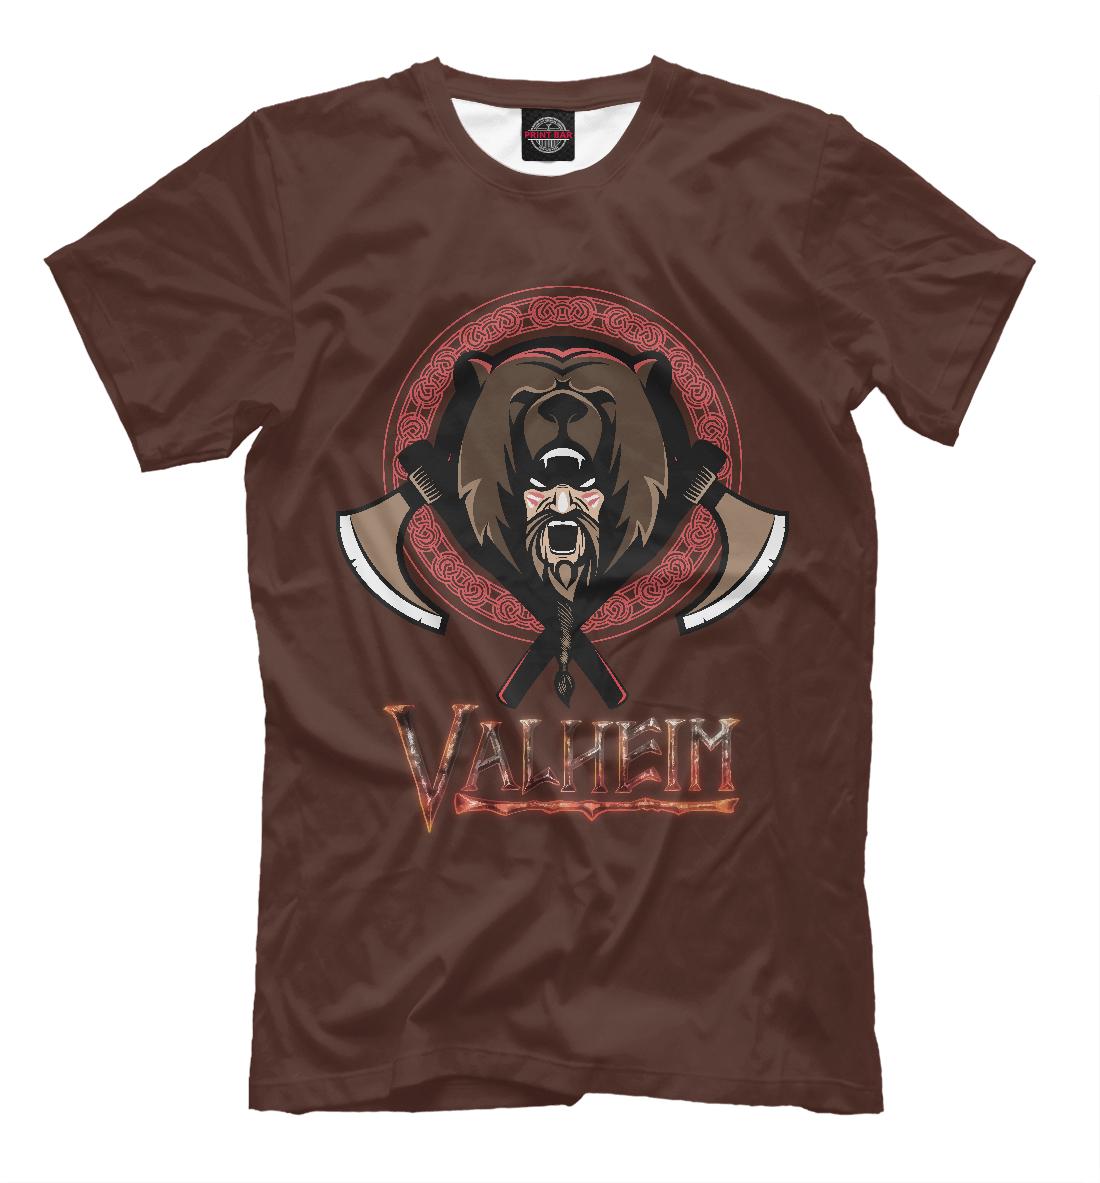 Футболка Valheim (816491)